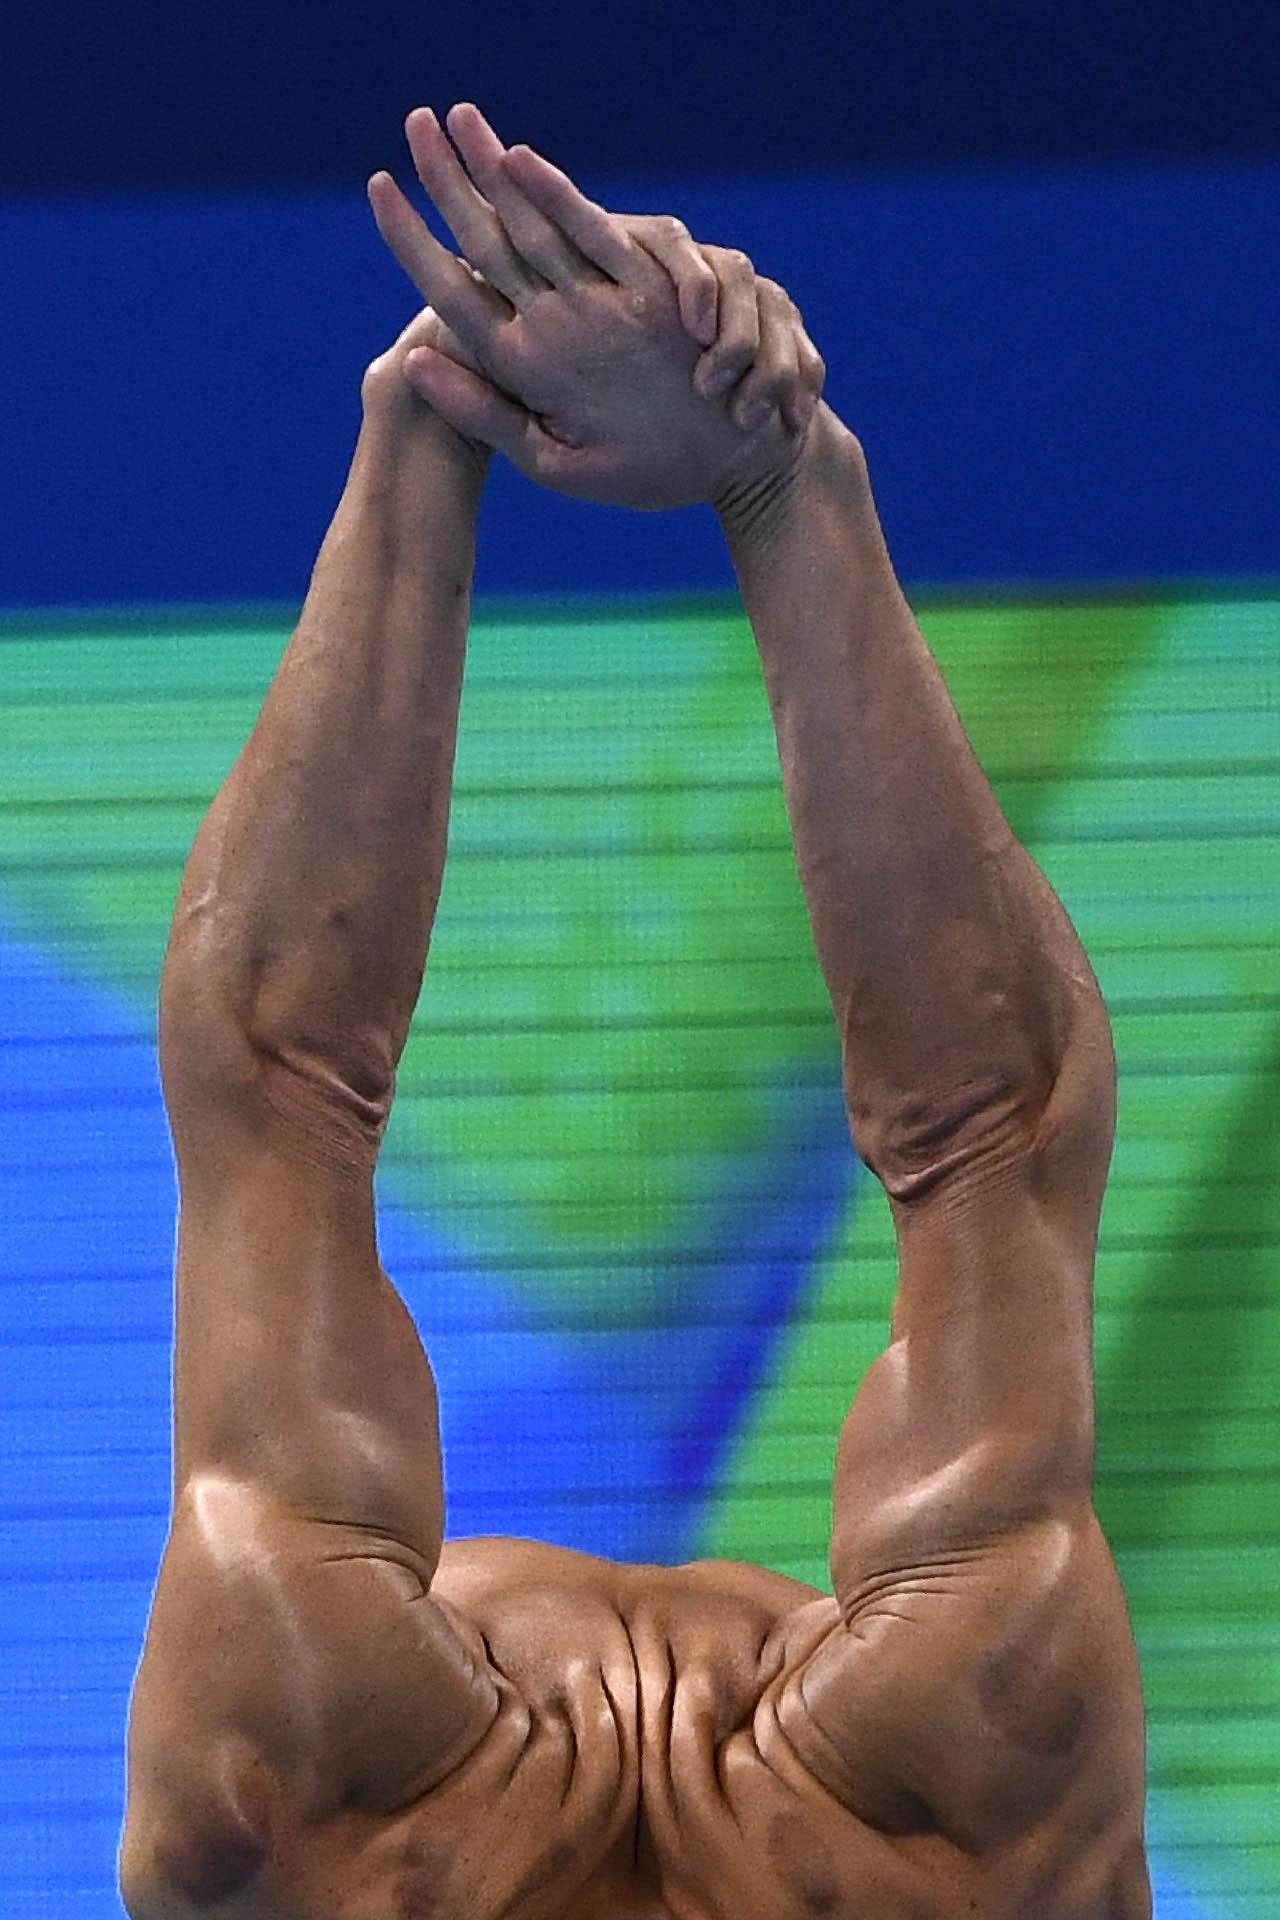 Michael Phelps megszerezte 22. olimpiai aranyérmét